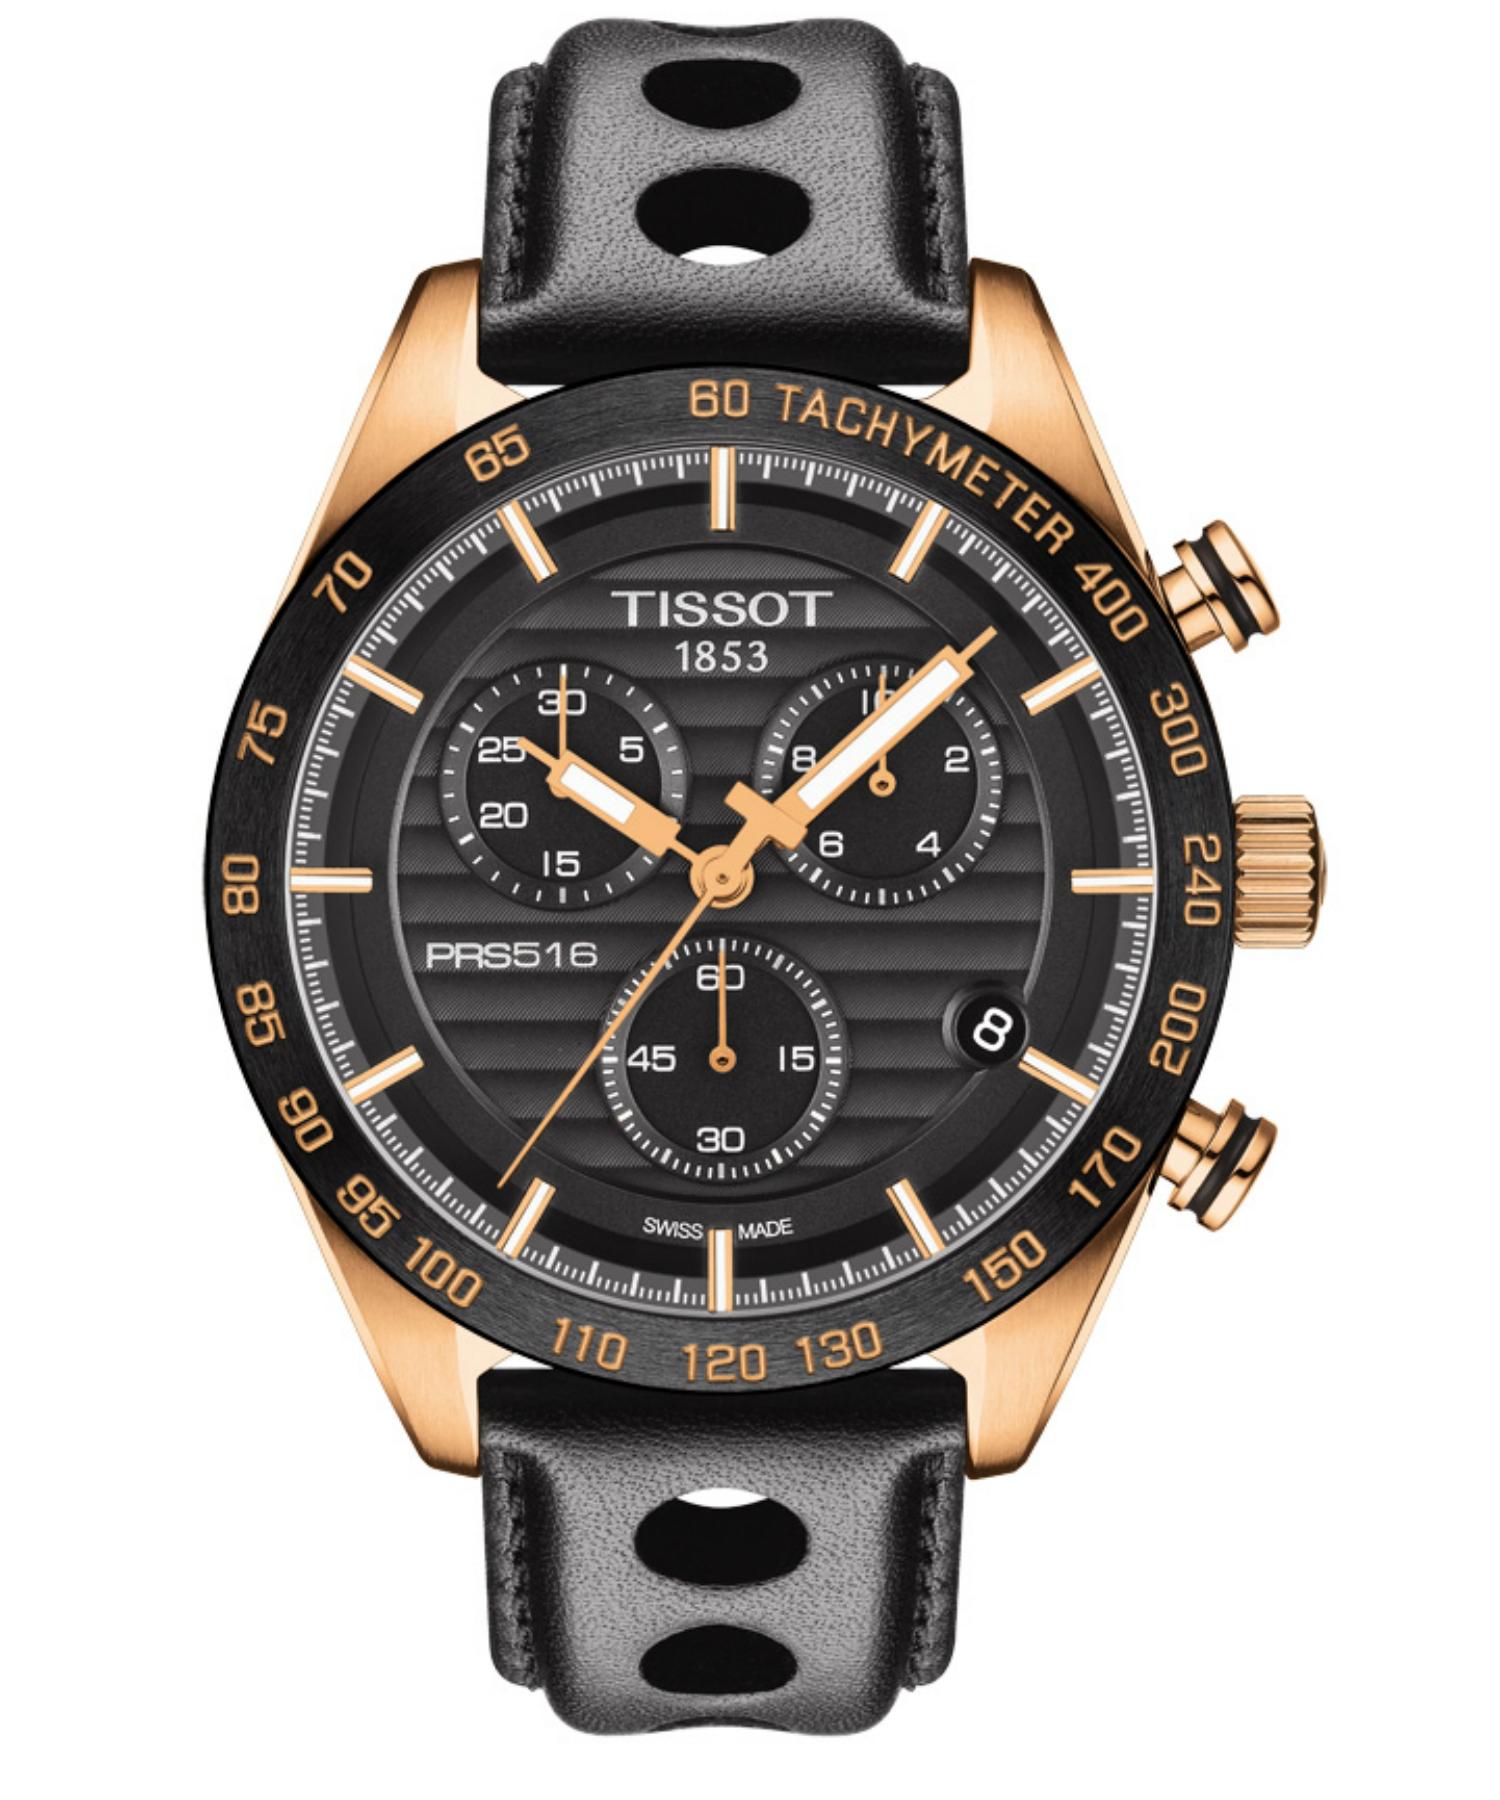 Les Cavs ont une montre exclusive à leur effigie chez Tissot